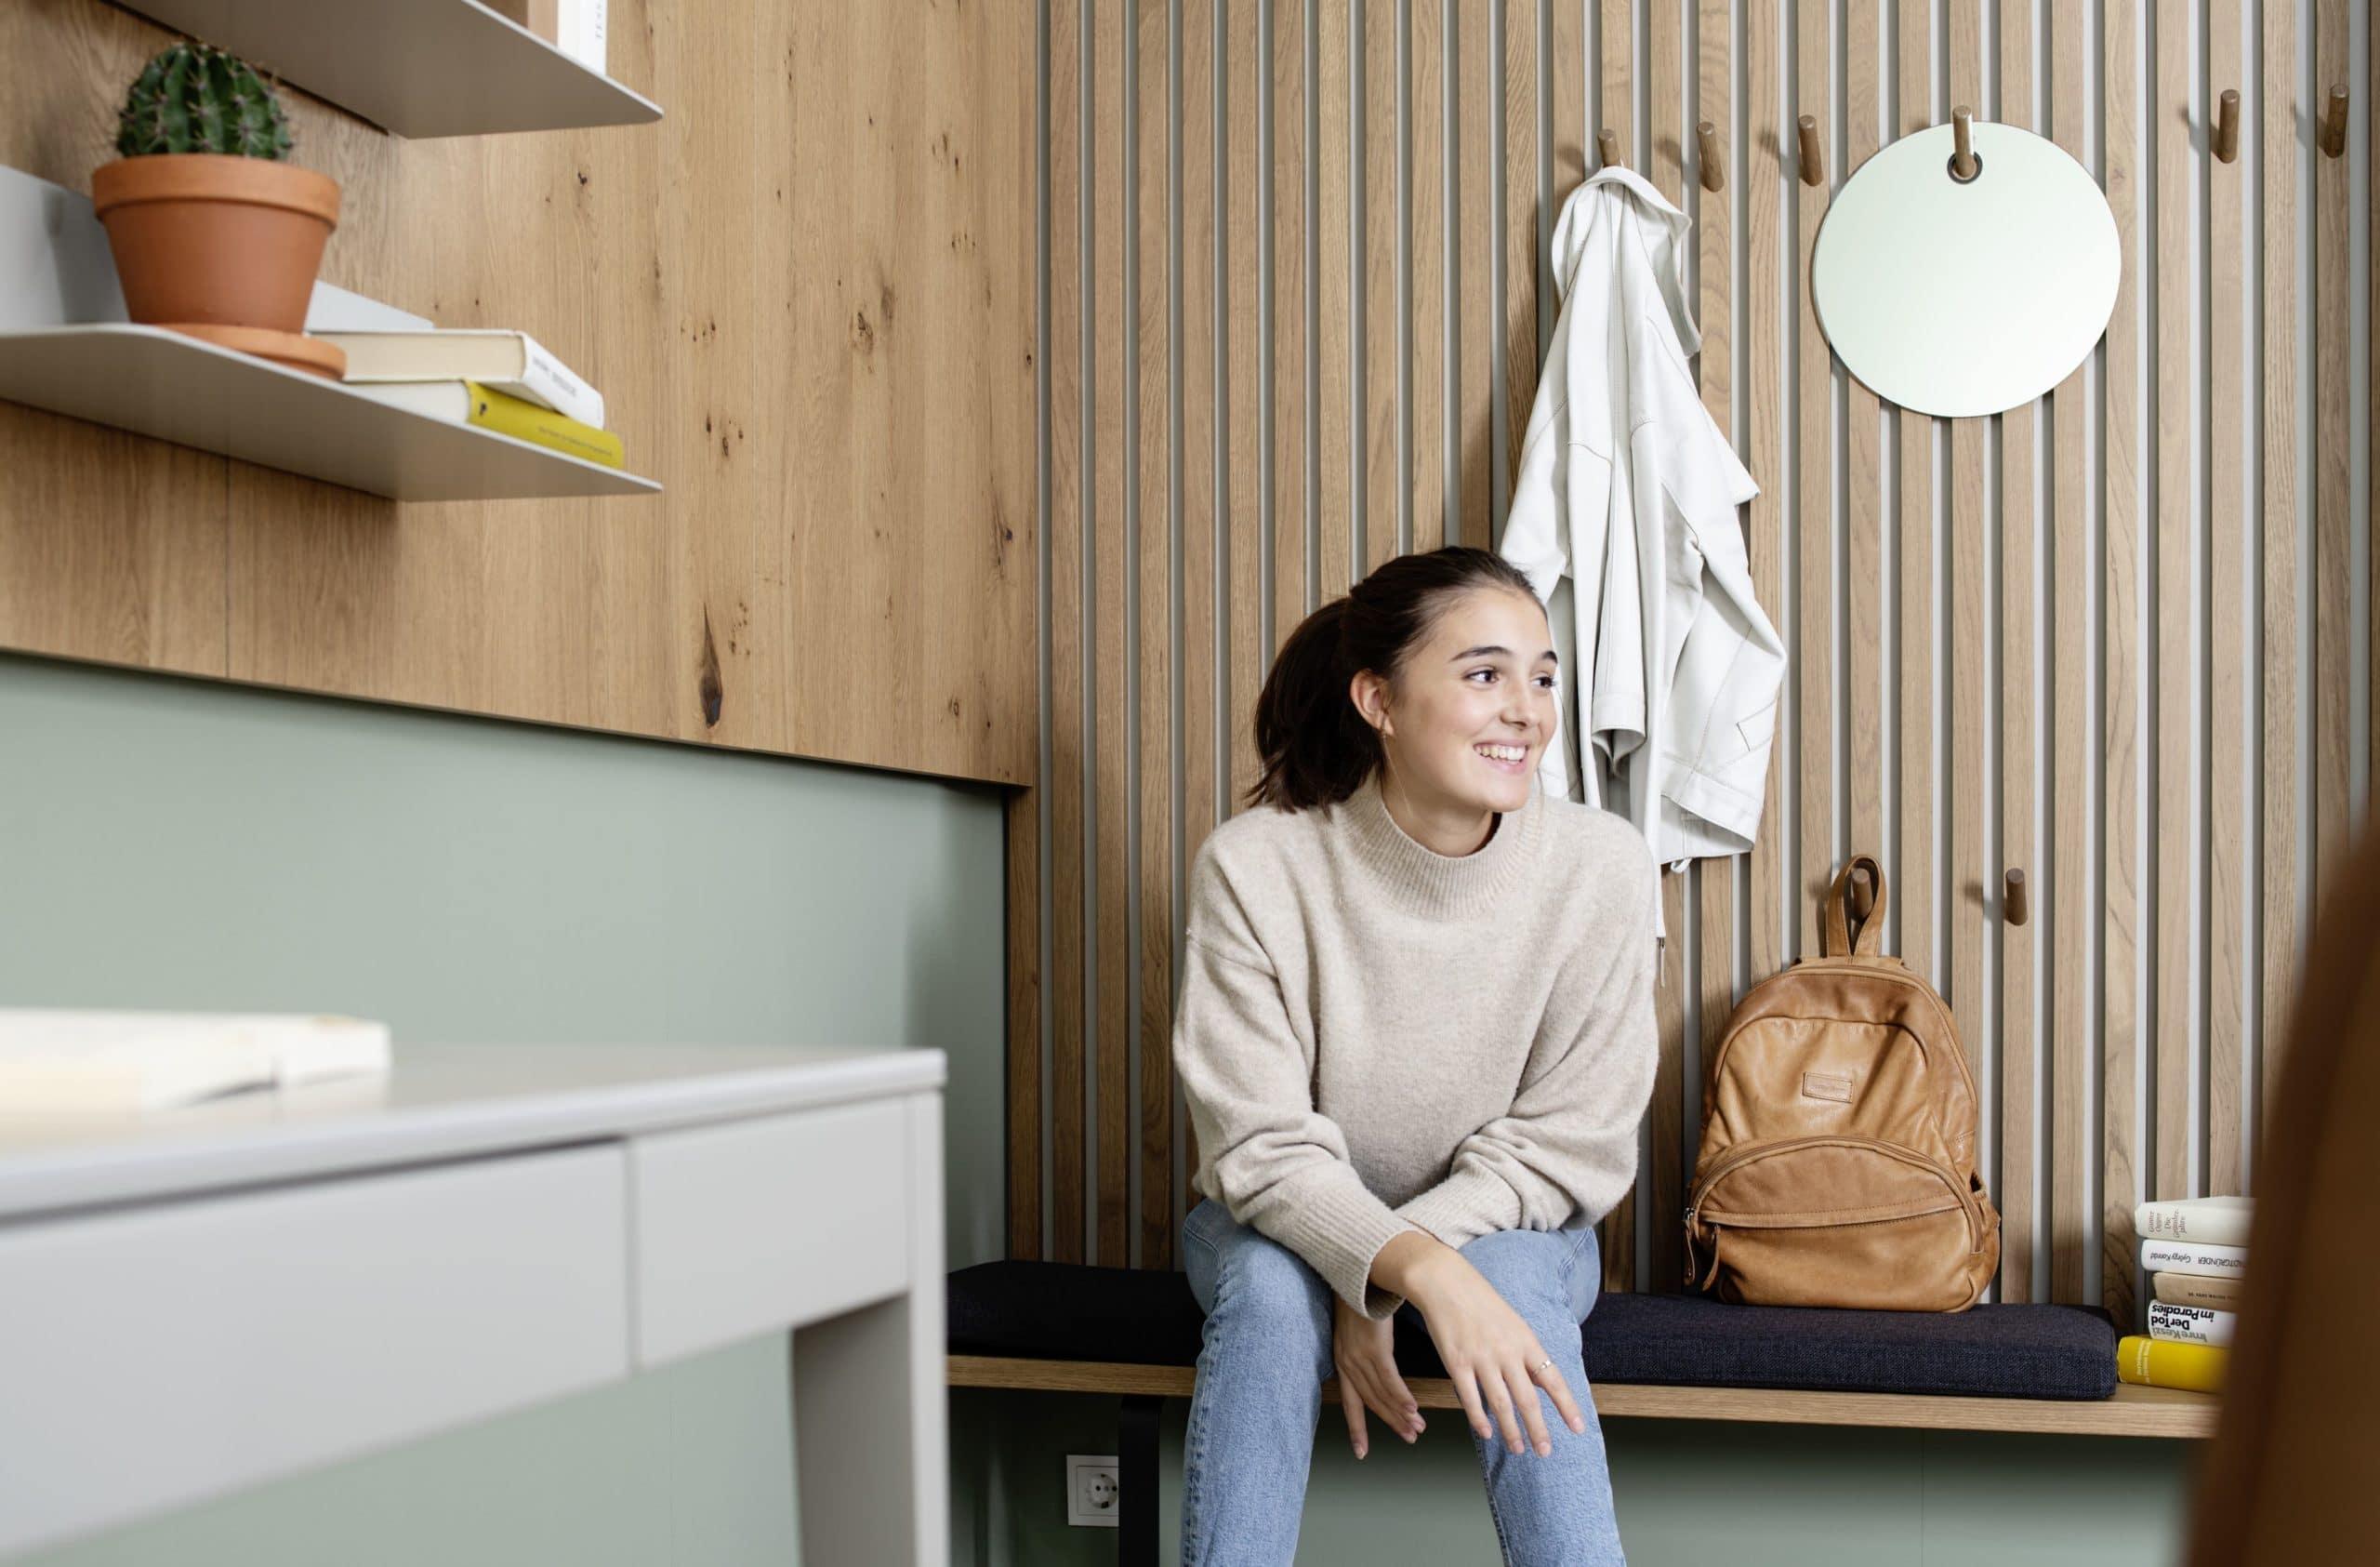 Die Sudbrock TANDO Kollektion lässt die Herzen von Individualisten höher schlagen! Zahlreiche Design-Möglichkeiten und unser Konfigurator erlauben es Dir Deine eigenen Möbel zu gestalten!